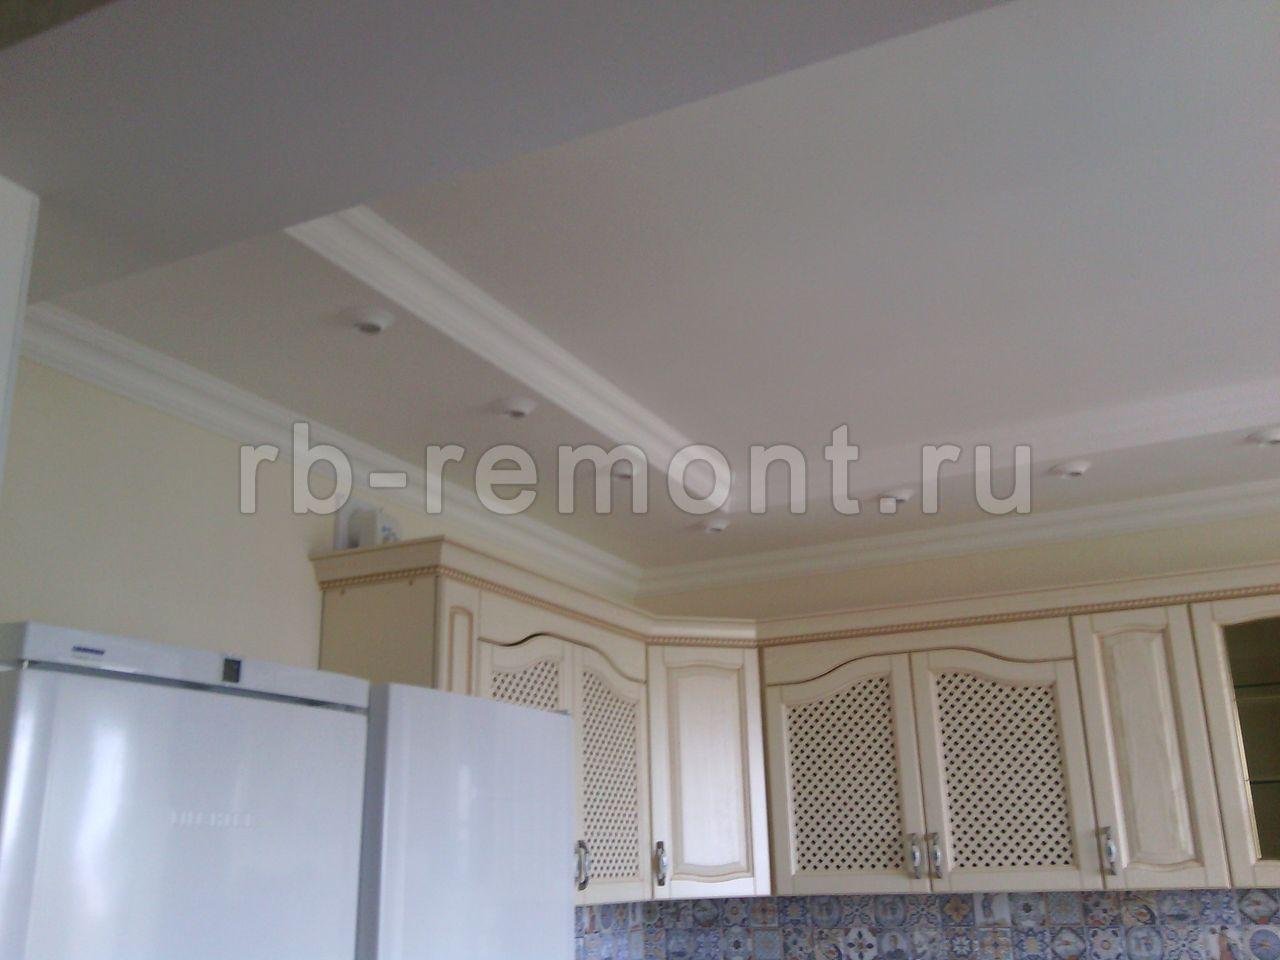 http://www.rb-remont.ru/raboty/photo_/komsomolskaya-125.1-00/img/img_20150709_115819.jpg (бол.)